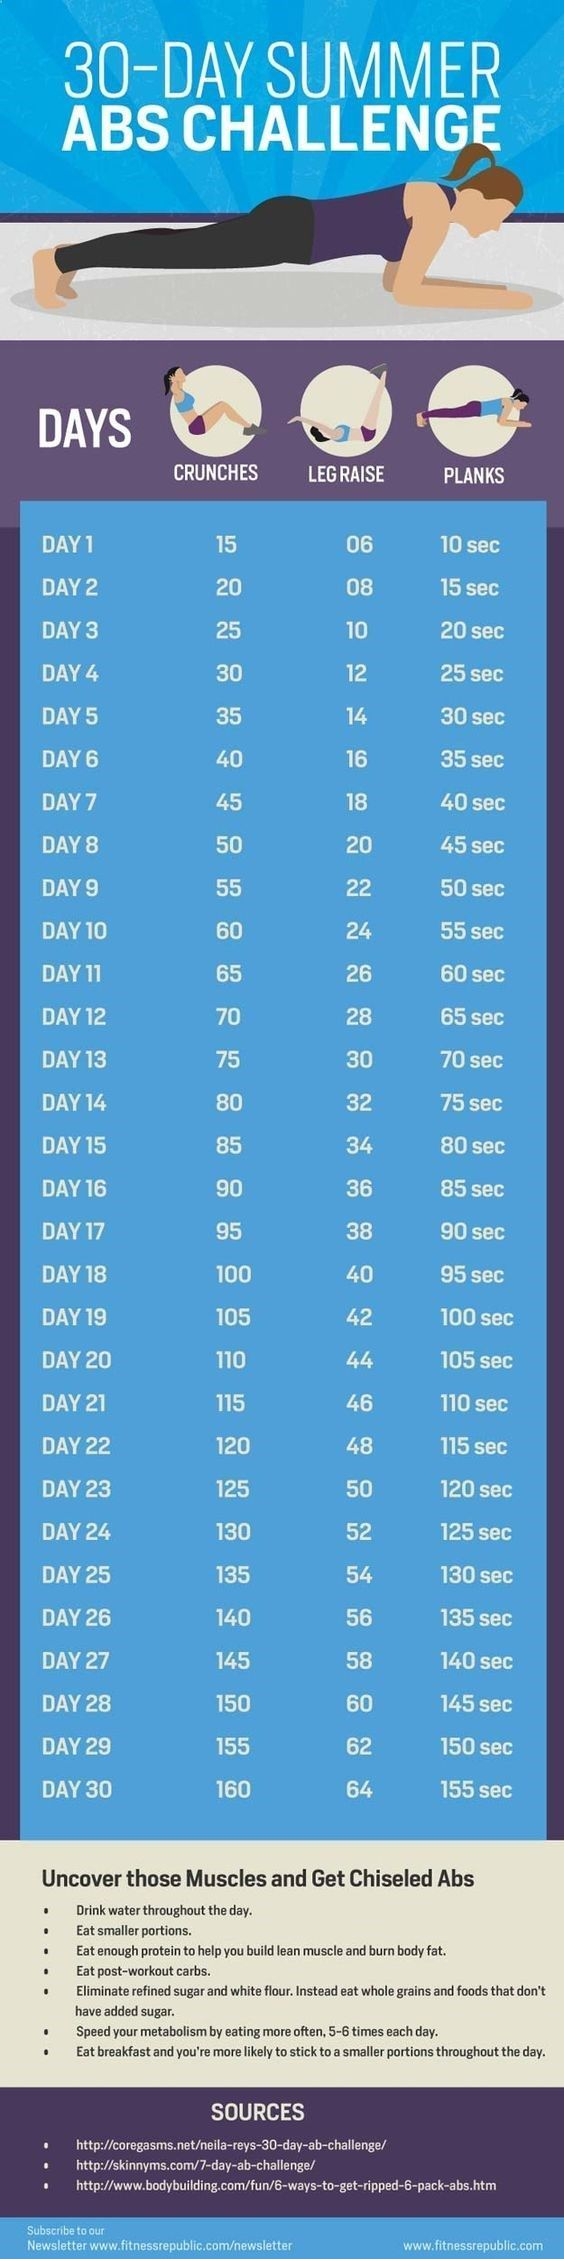 Best 25 weight chart for men ideas on pinterest workouts for best 25 weight chart for men ideas on pinterest workouts for men workout men and fitness for men nvjuhfo Images